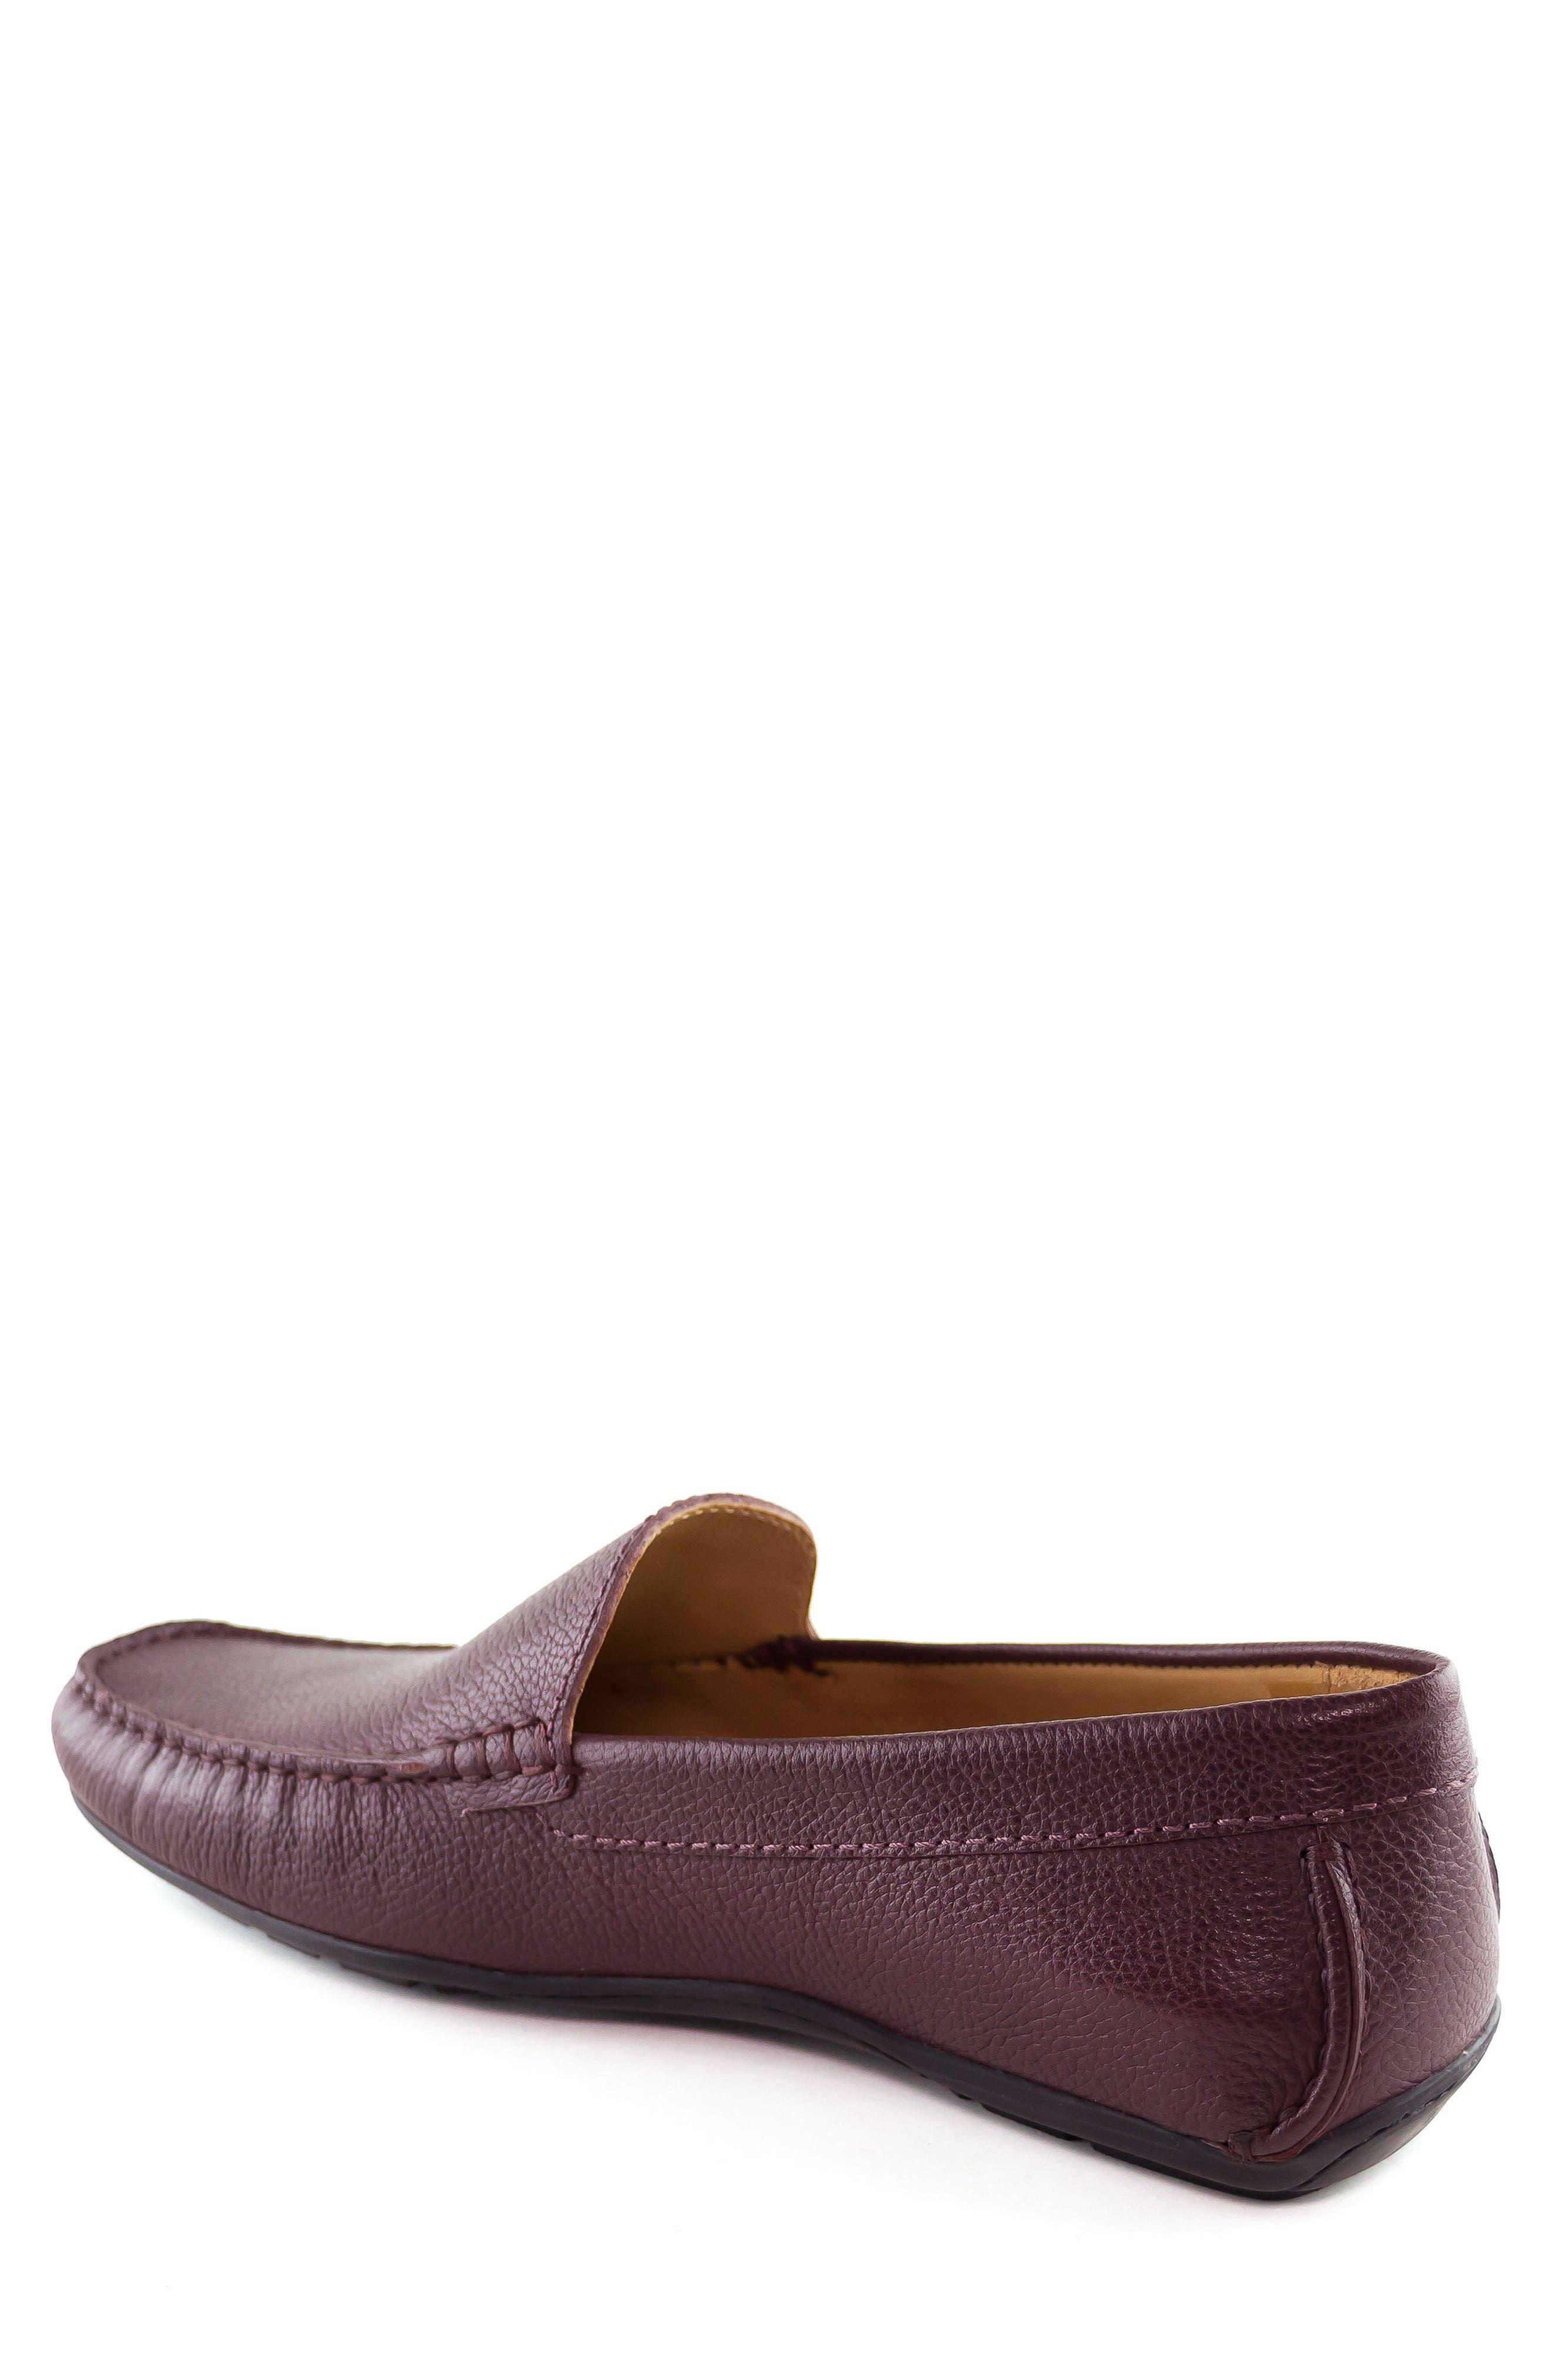 Alternate Image 2  - Marc Joseph New York Venetian Driving Loafer (Men)